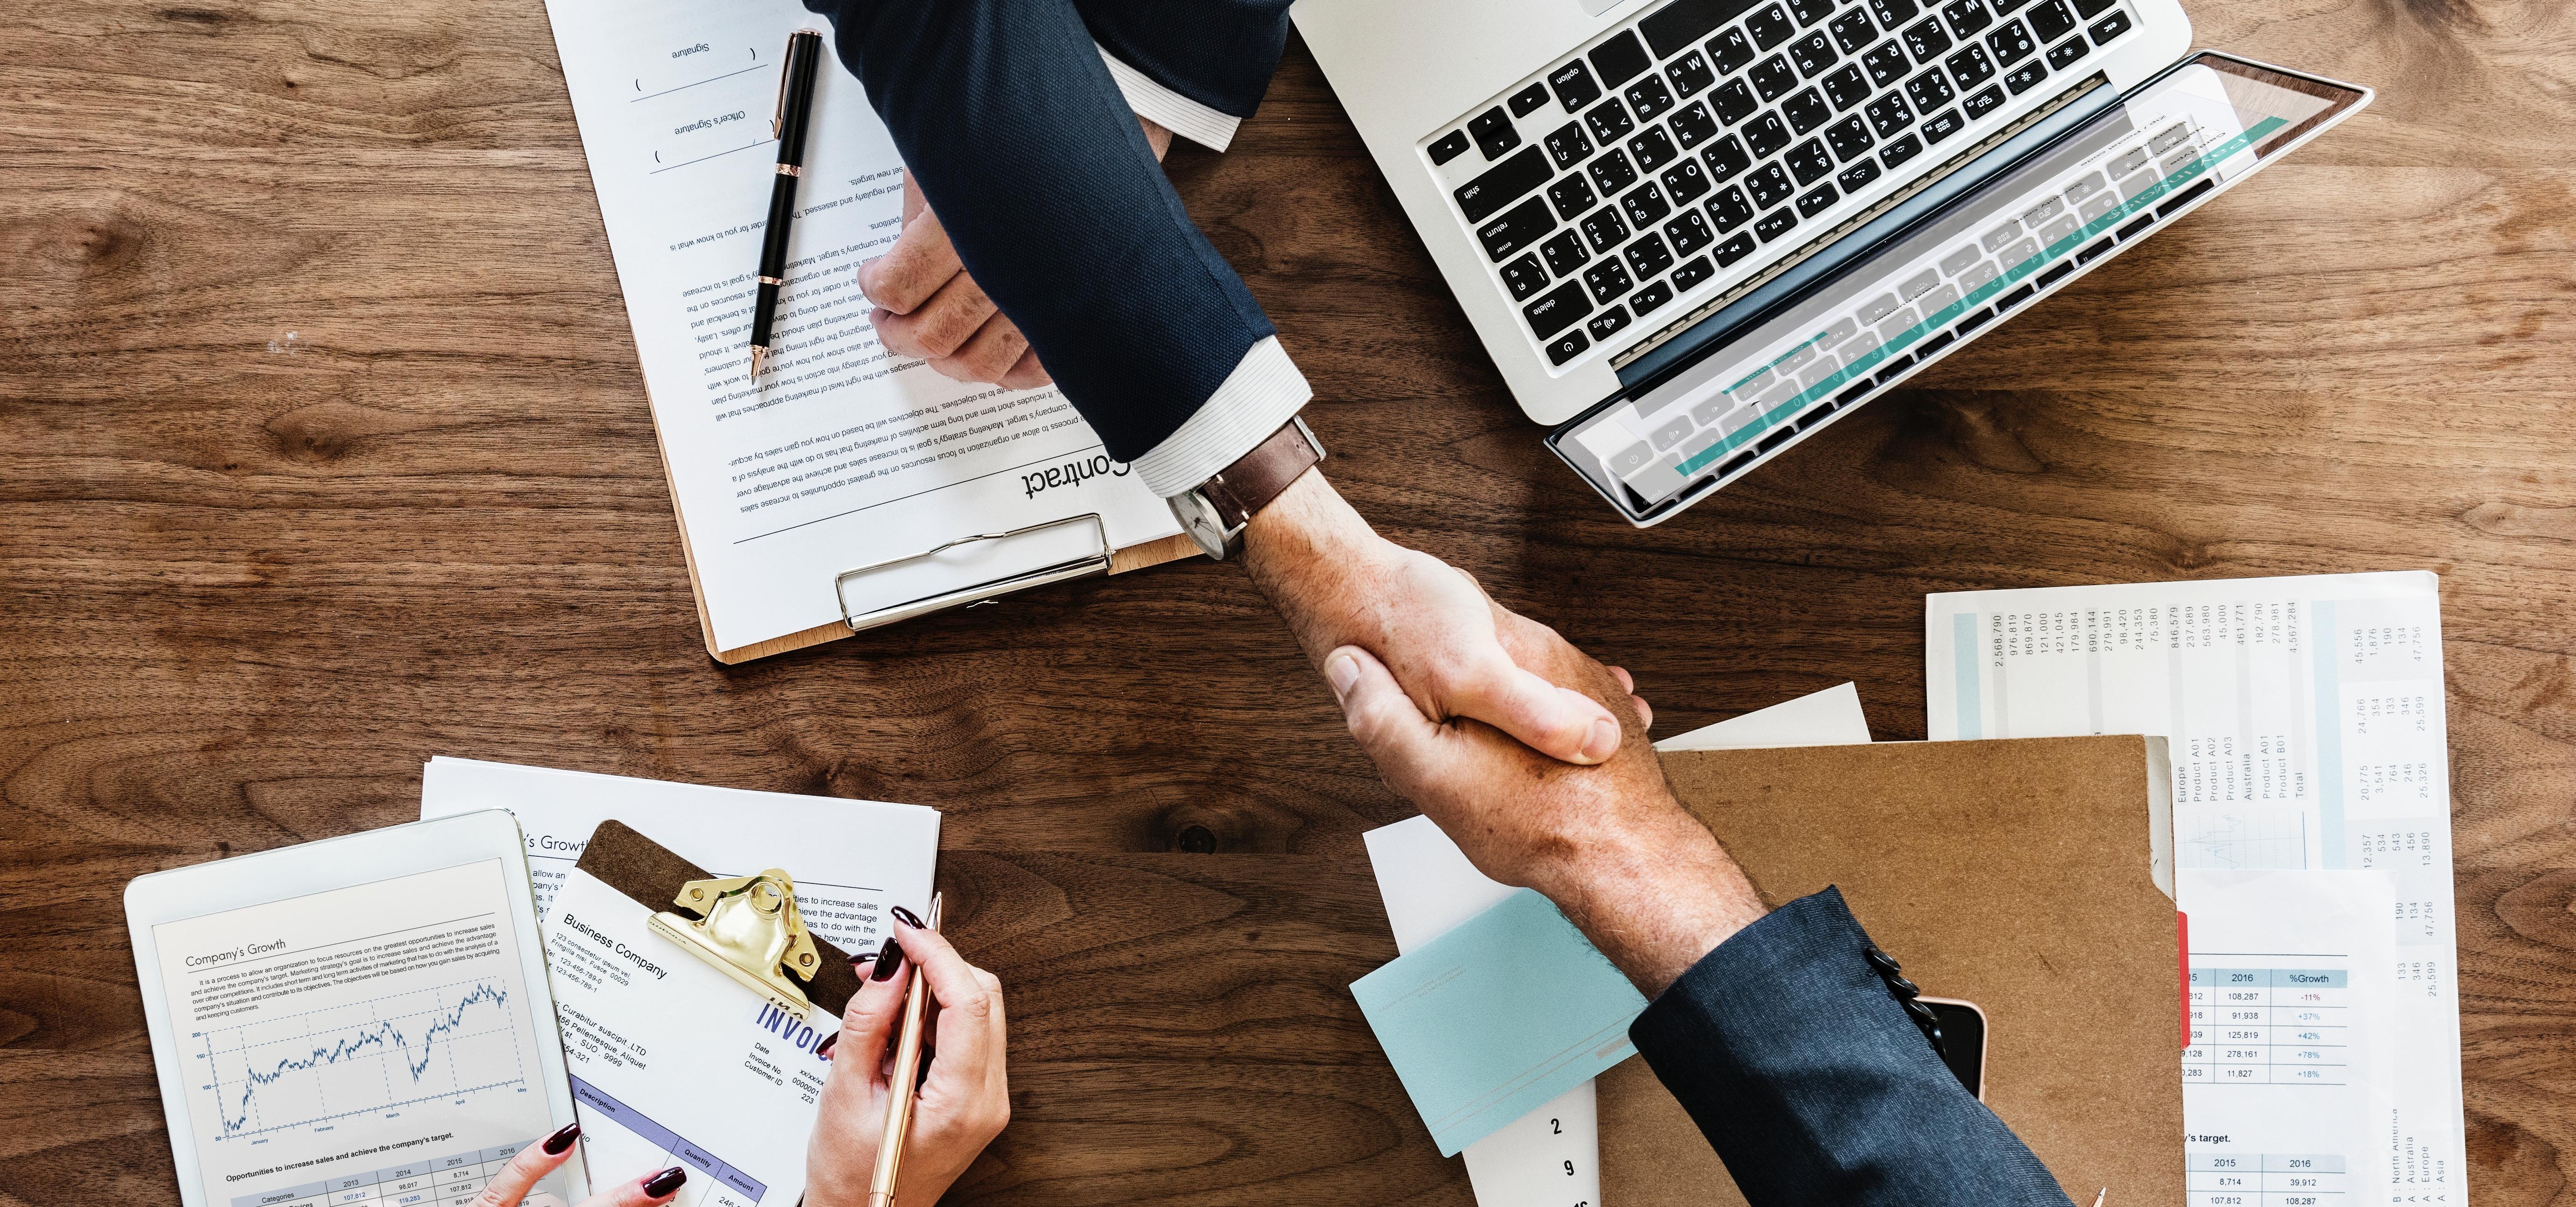 Małe spółki nie czekają już na pieniądze z faktur – SMEO ma dla nich nową ofertę